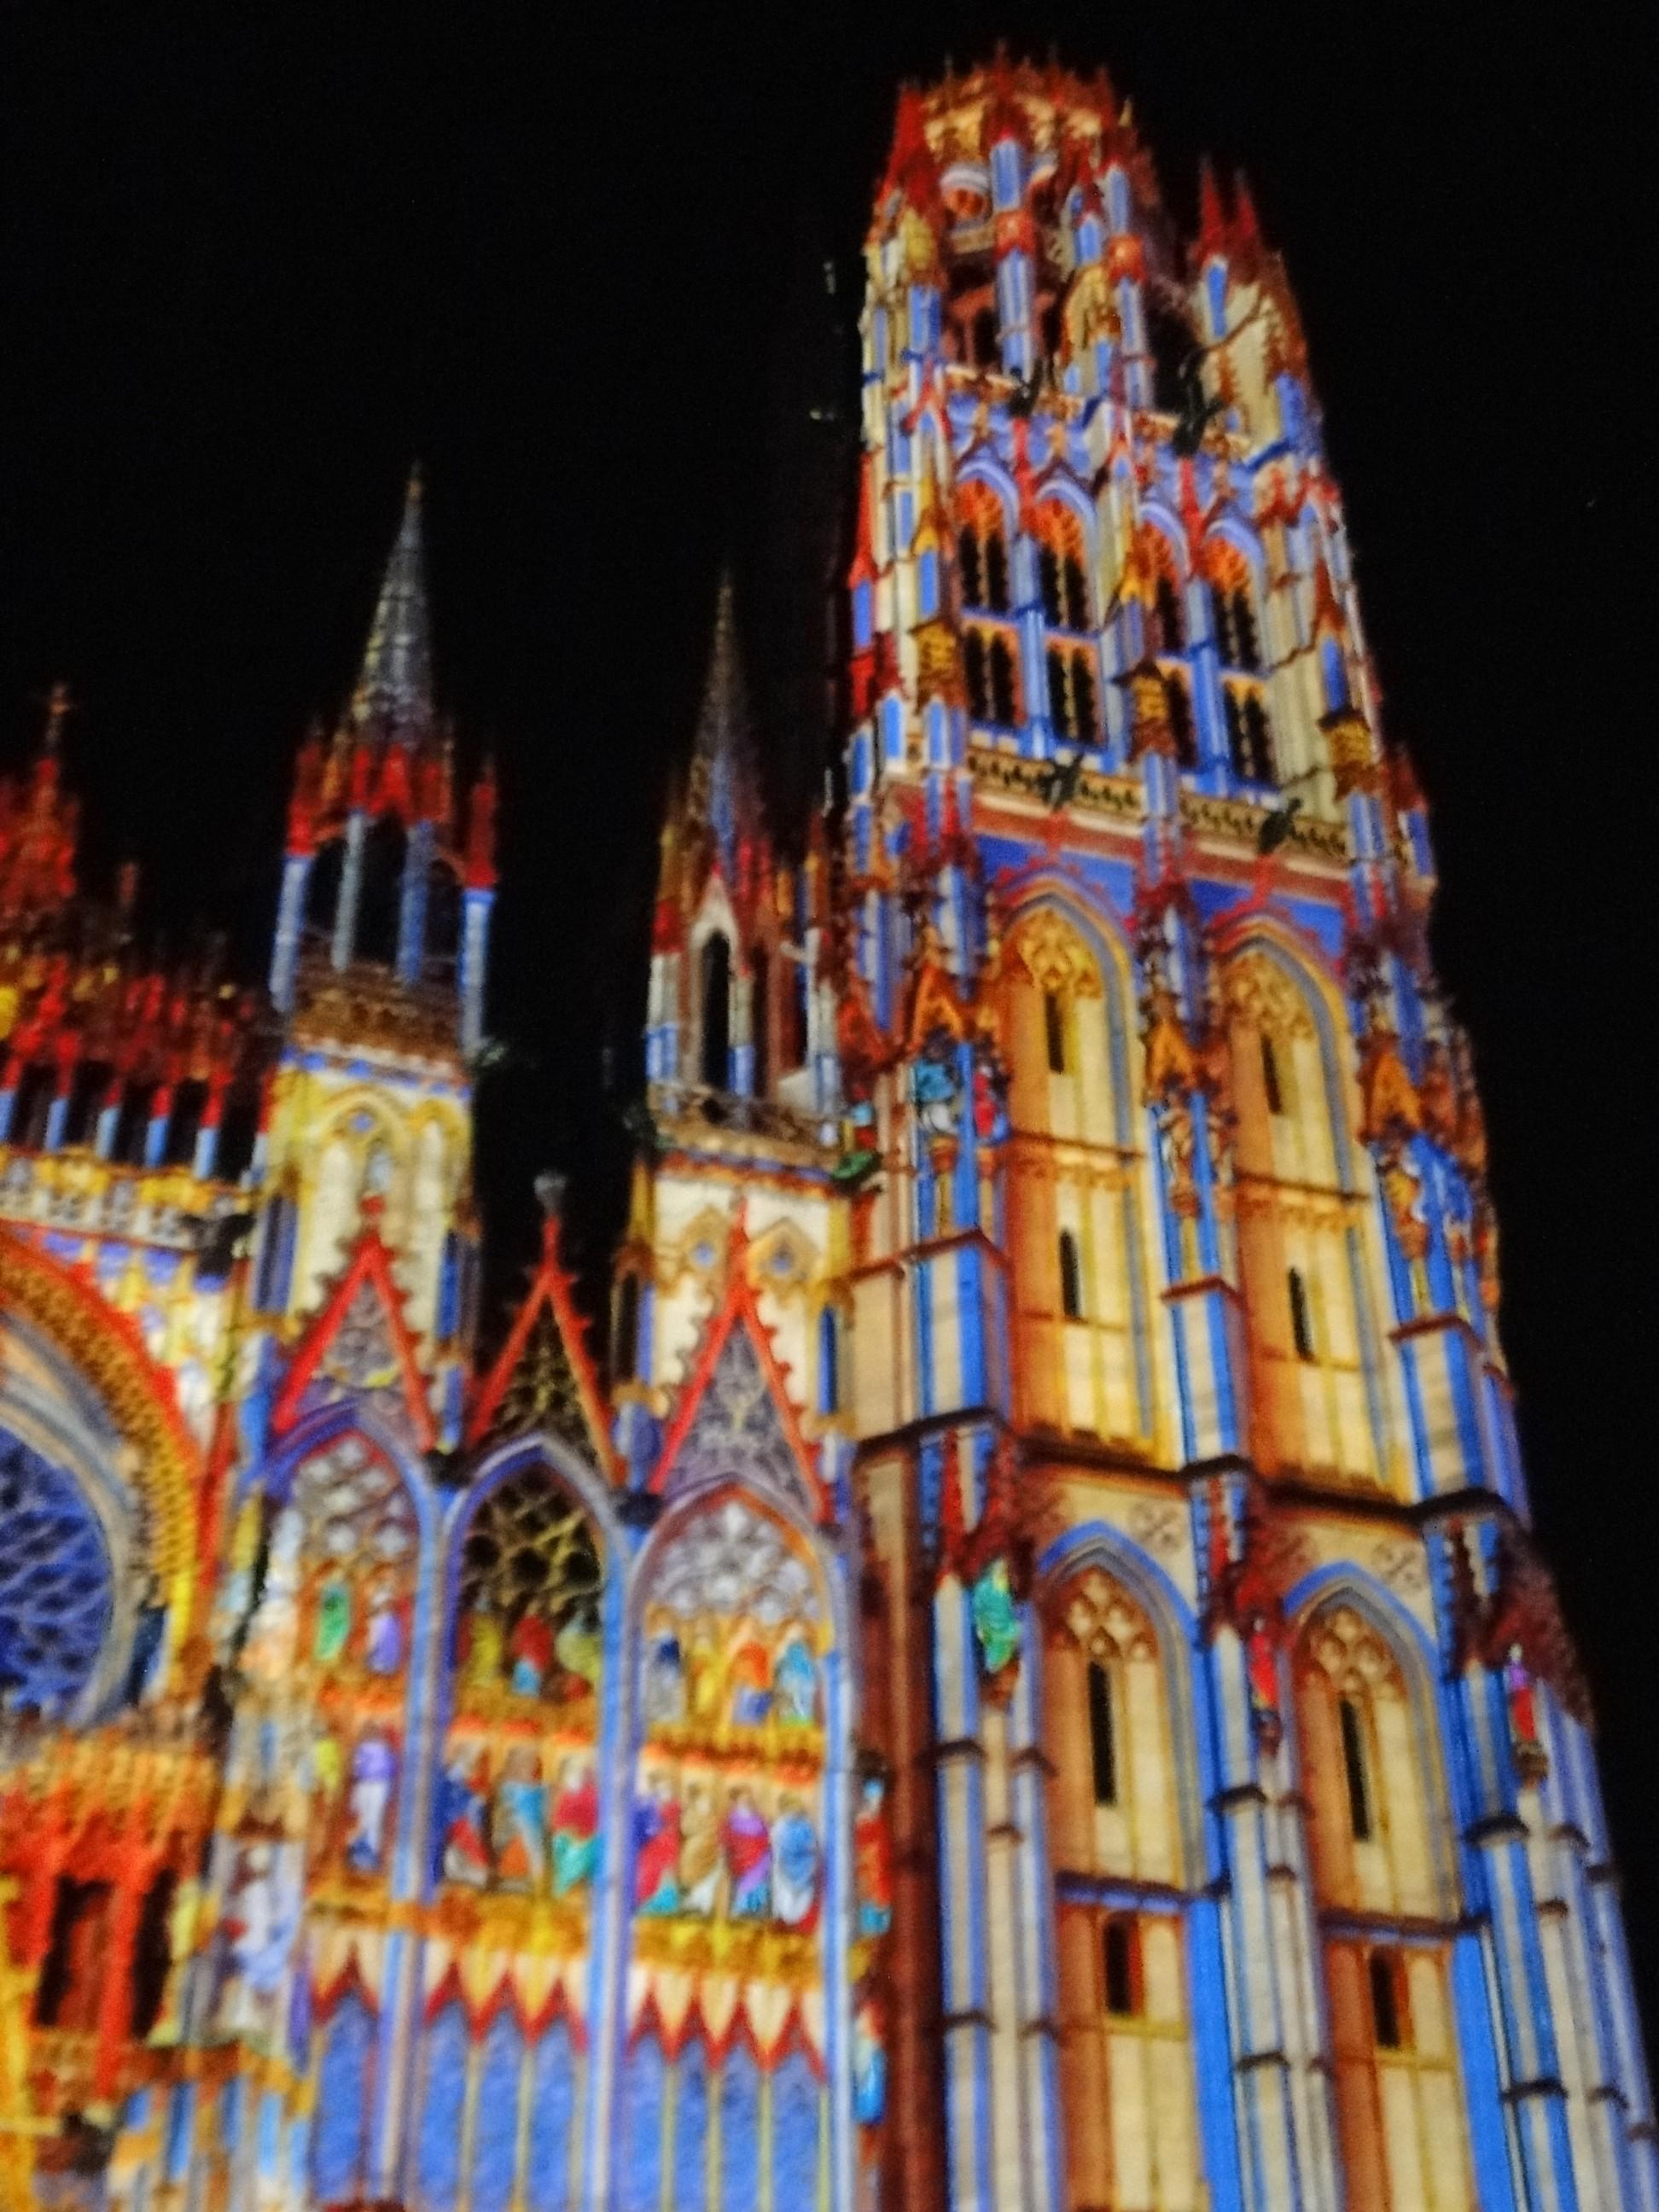 DSC06260 - Cathedrale de Lmumière ROUEN 2015 Vikings Jeannes